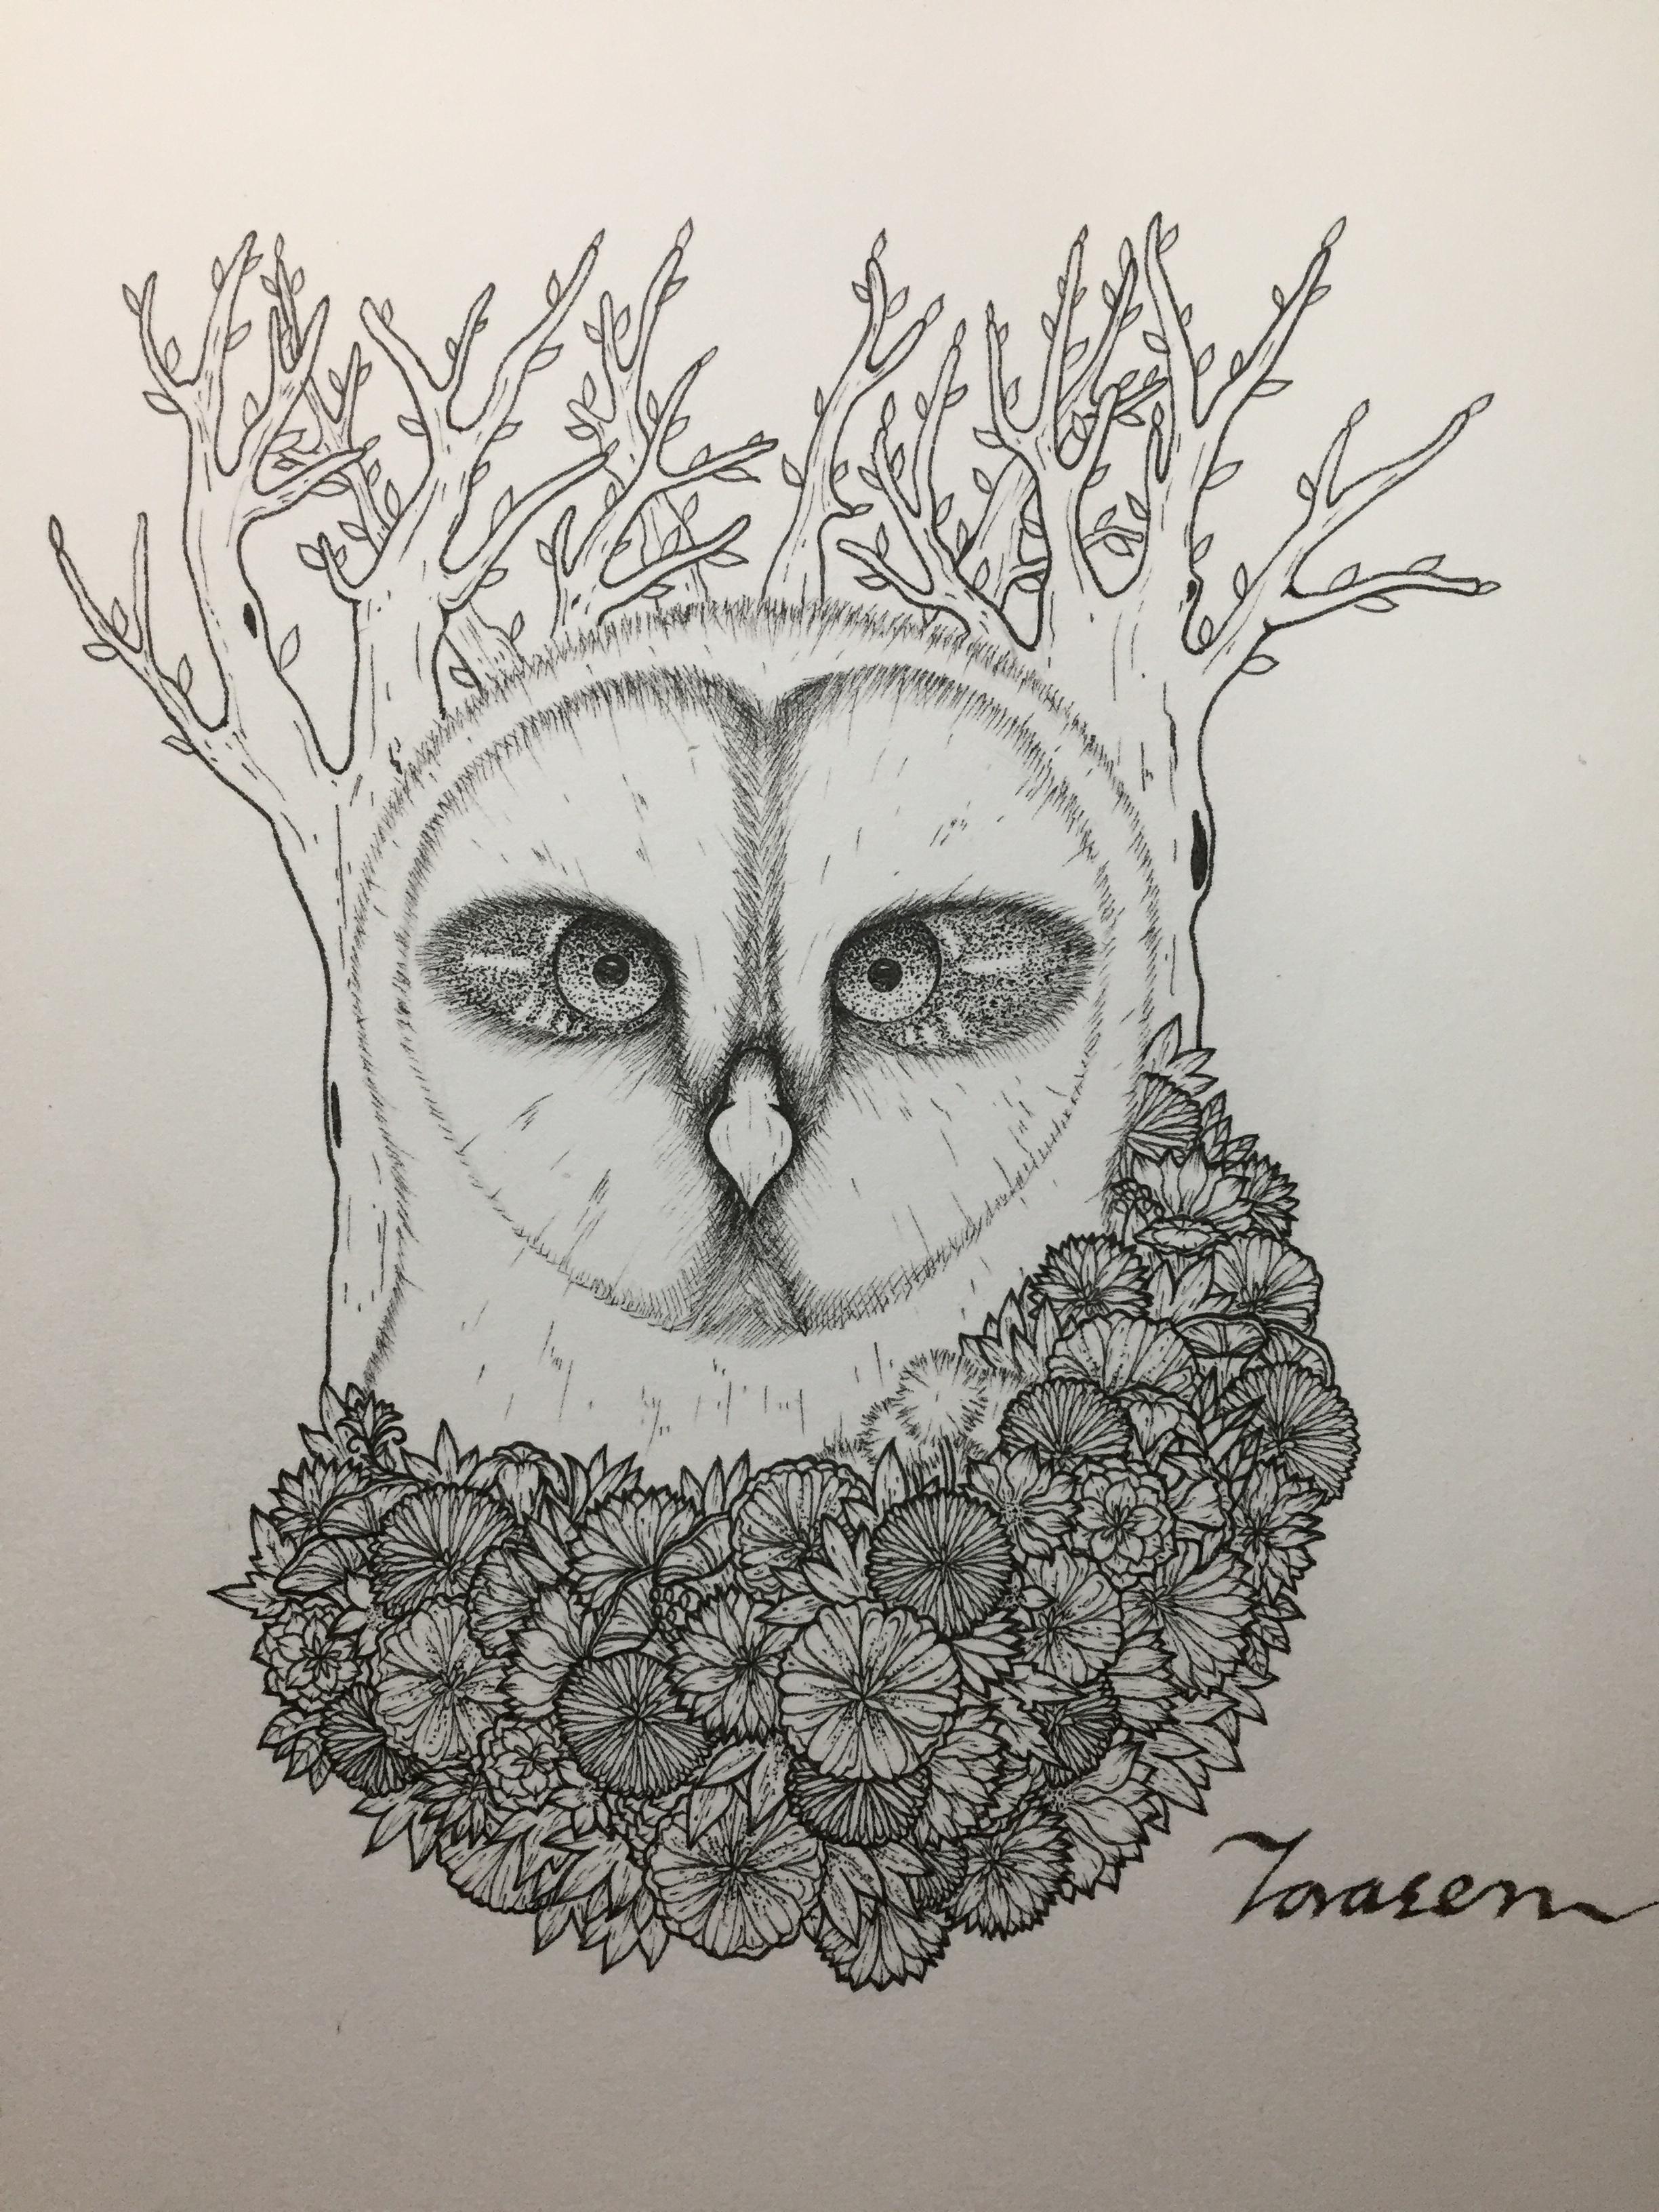 针管笔插画《猫头鹰》